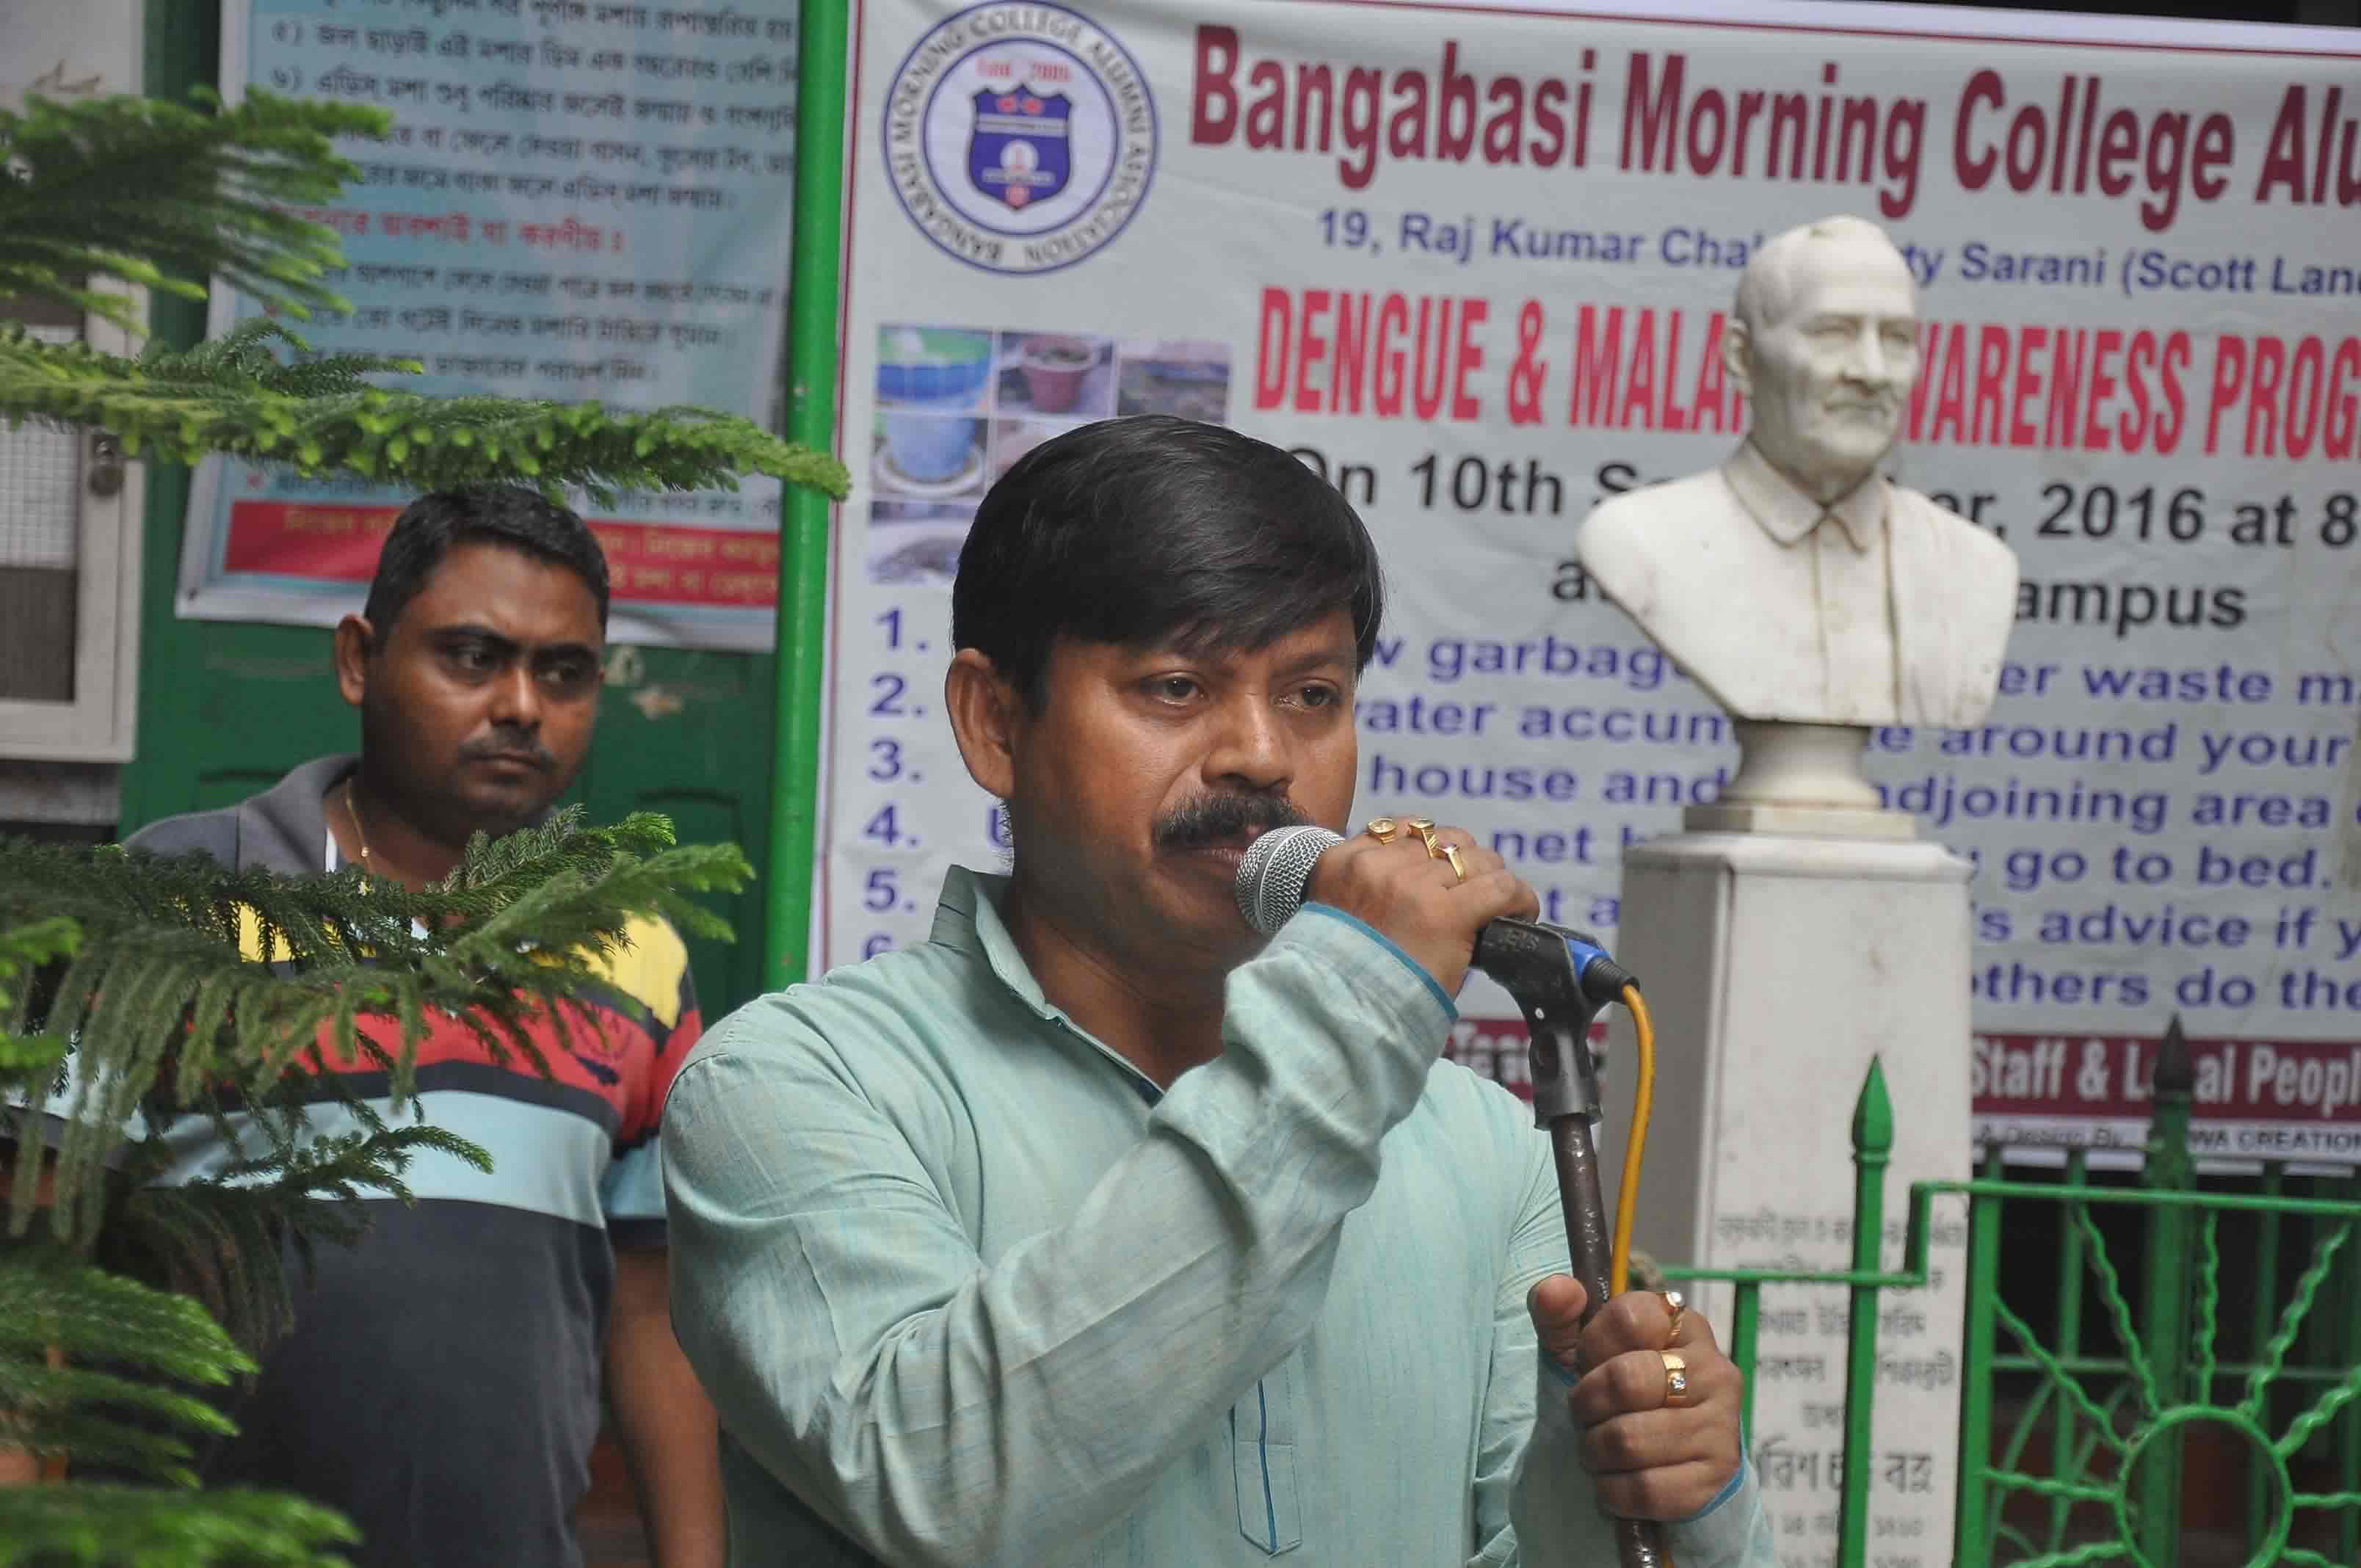 Speech-on-Dengue-and-Malari